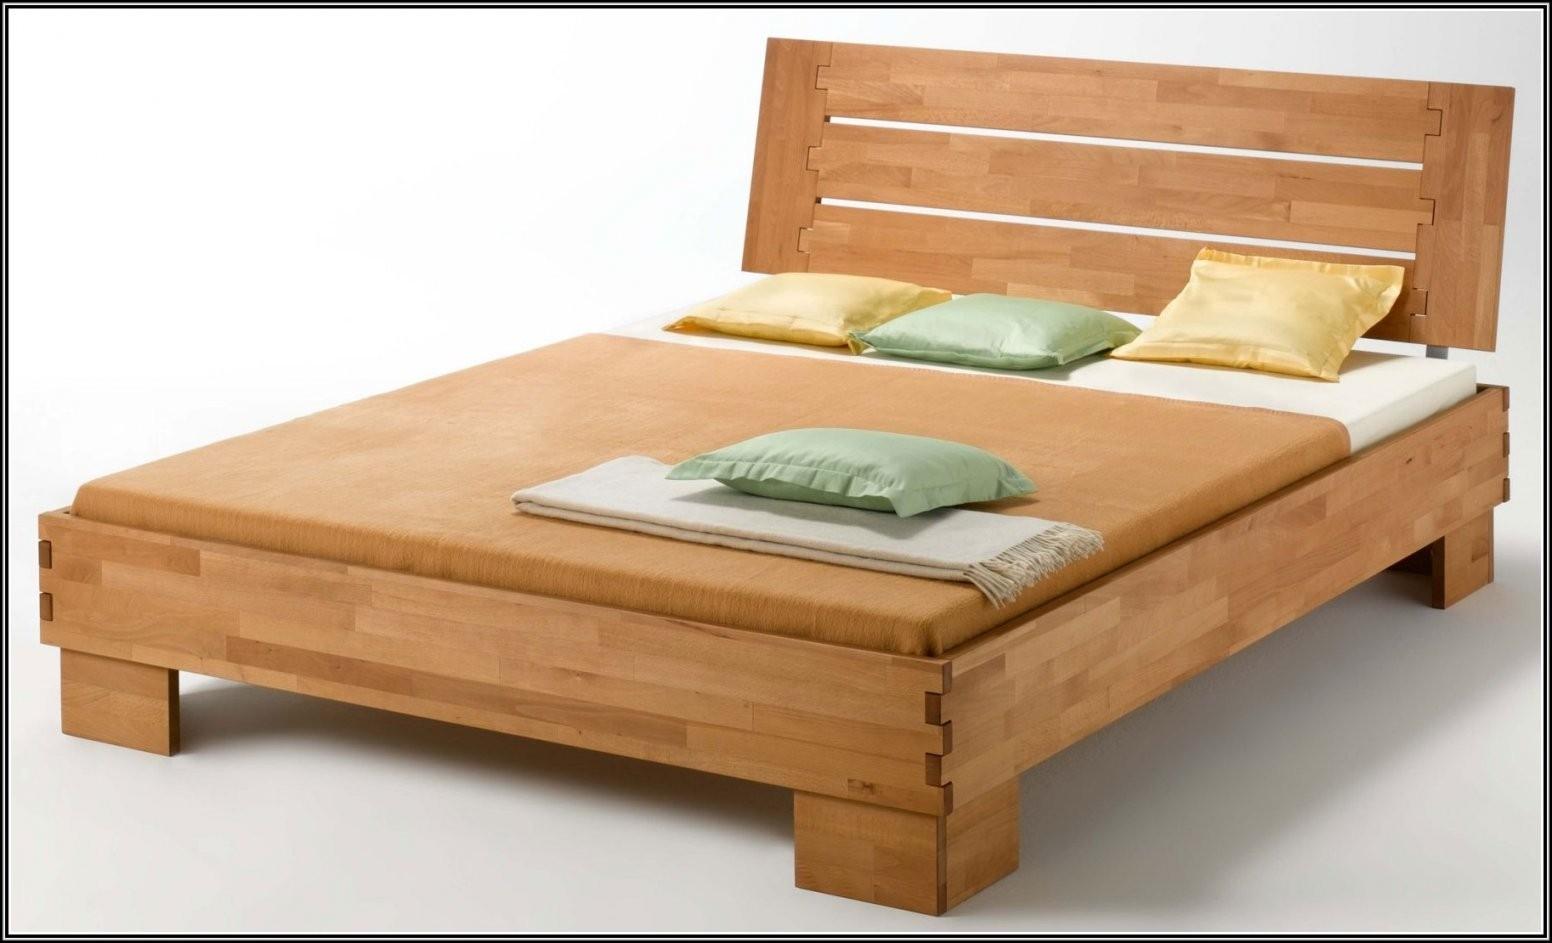 Ikea Malm Bett 140X200 Buche  Betten  House Und Dekor Galerie von Bettgestell Buche 140X200 Photo